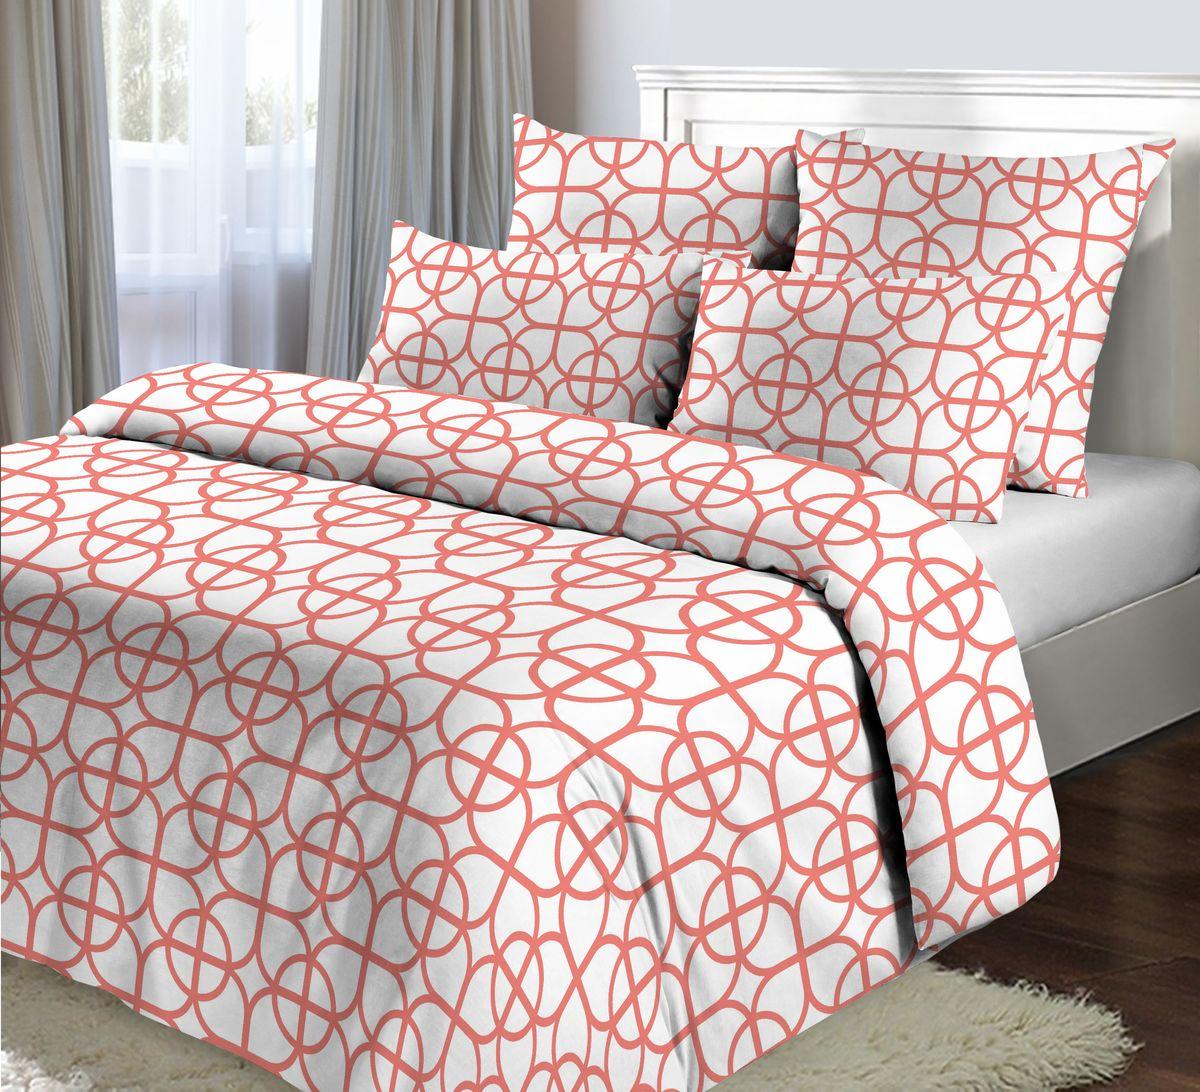 Комплект белья Коллекция Гео-1, 1,5-спальный, наволочки 70х70ОБК-1,5/70 5525.1